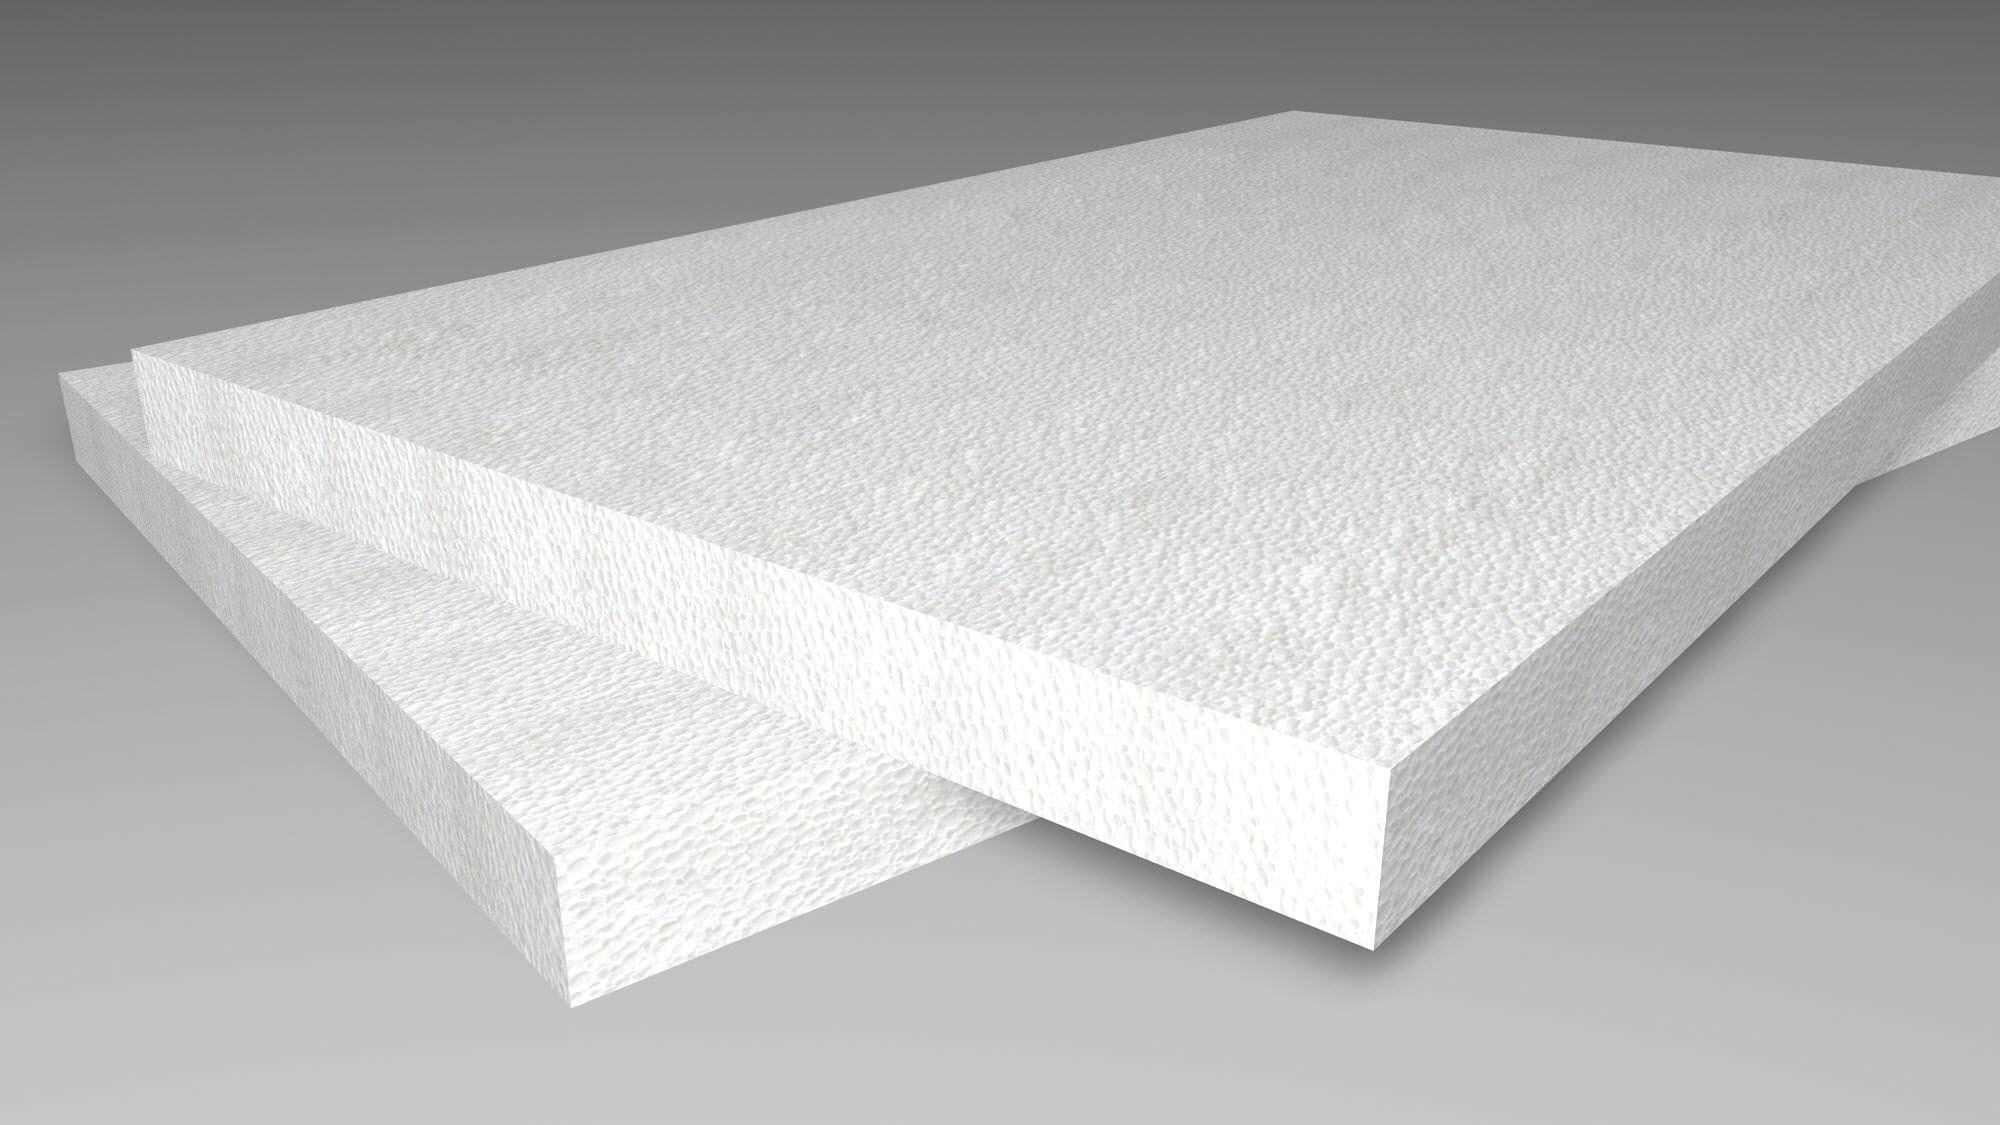 Isolant thermique pologne / en polystyrène expansé / pour isolation ...